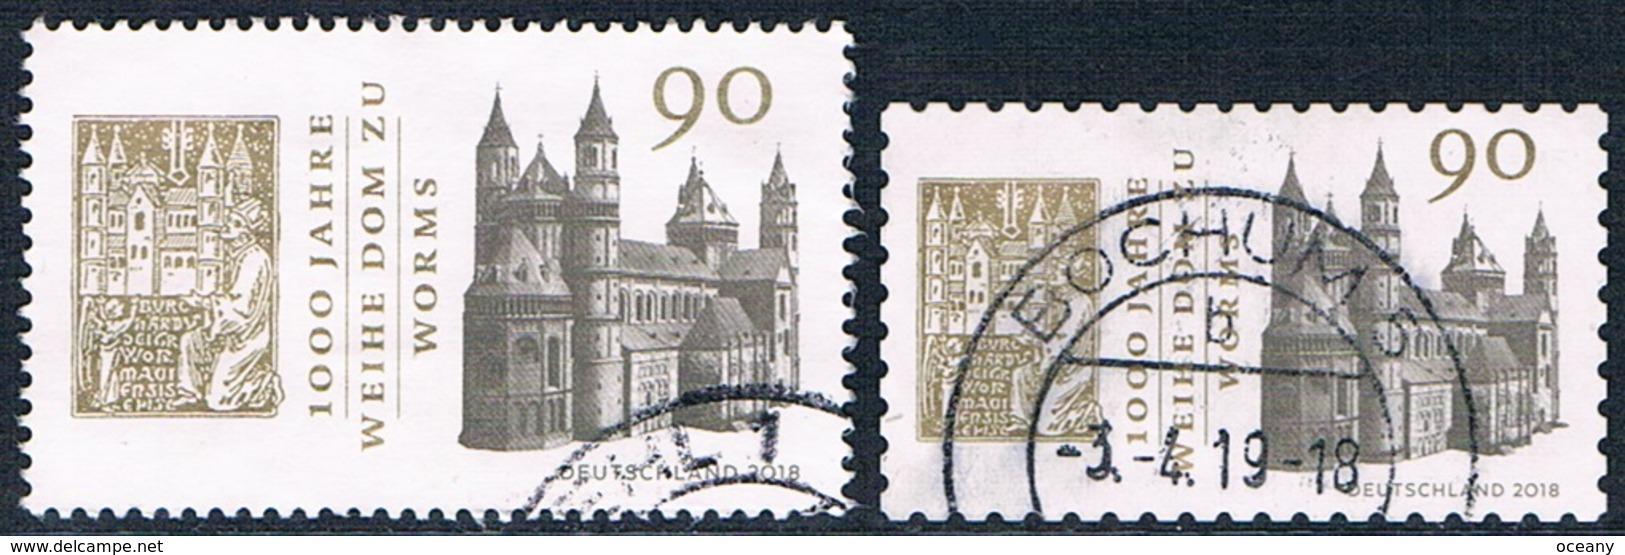 Allemagne Fédérale - Centenaire De La Cathédrale Saint-Pierre De Worms 3174/3175 (année 2018) Oblit. - [7] République Fédérale